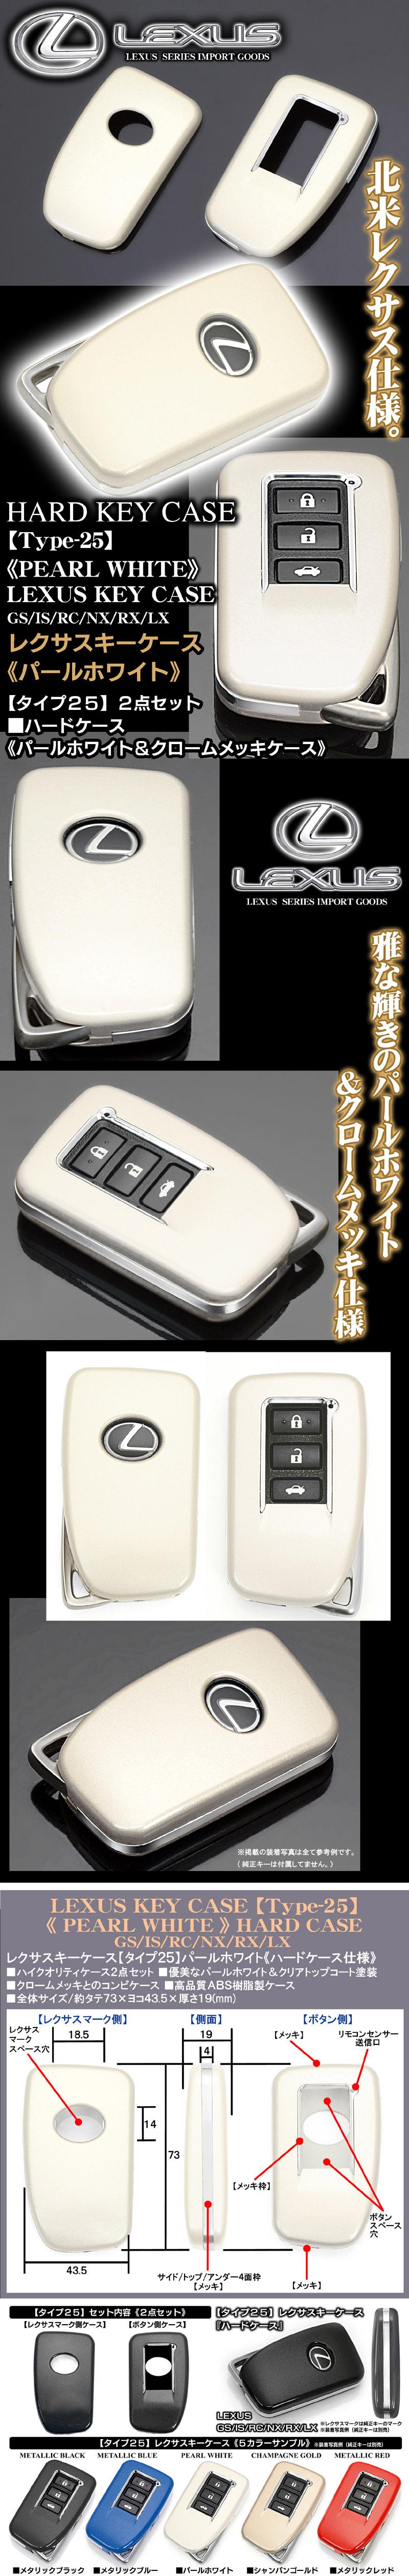 タイプ25【レクサスGS/IS/RC/NX/RX/LX/スマートキー】キーケース[パールホワイト&メッキコンビ]ハードケース